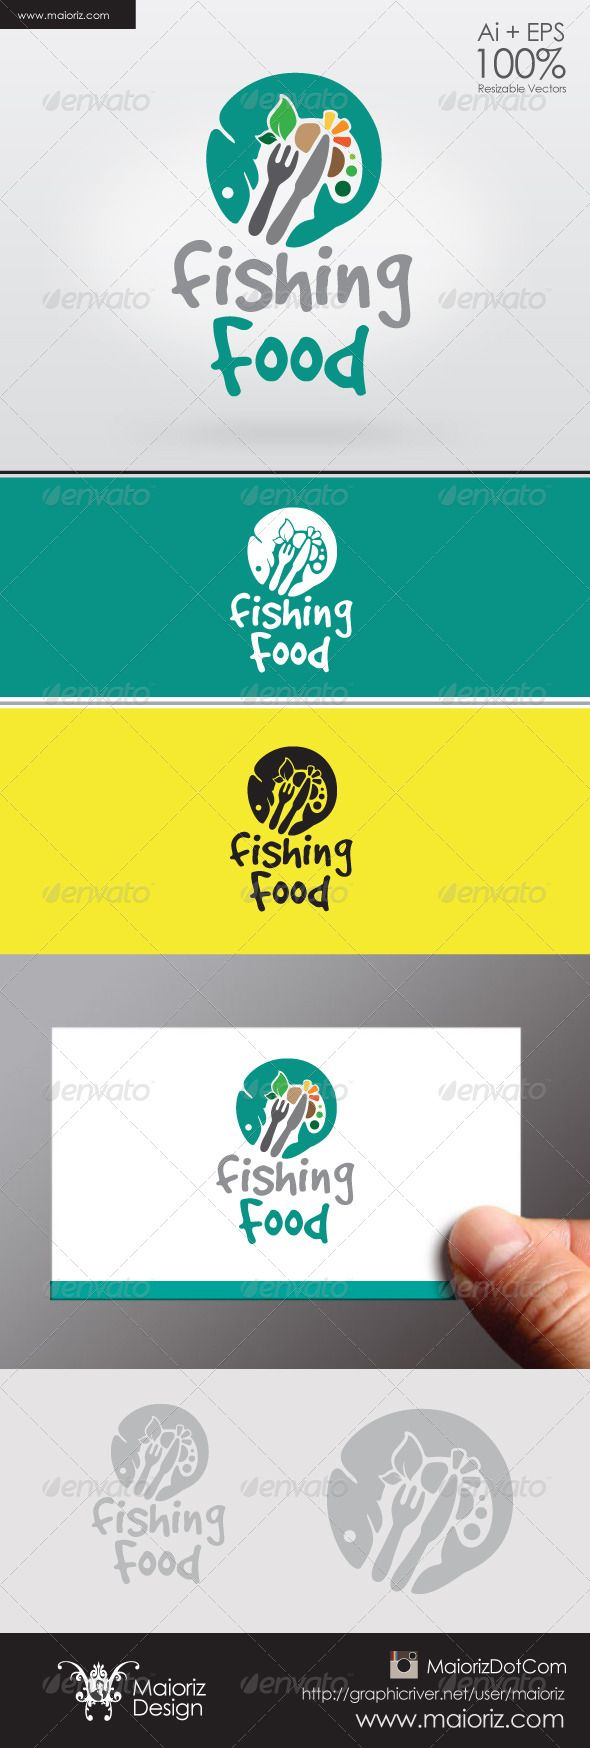 Dit logo vind ik erg leuk omdat de illustraties mooi geheel vormen en daarom ook prettig is om naar te kijken. Het logo maakt ook gelijk duidelijk waar het om gaat.